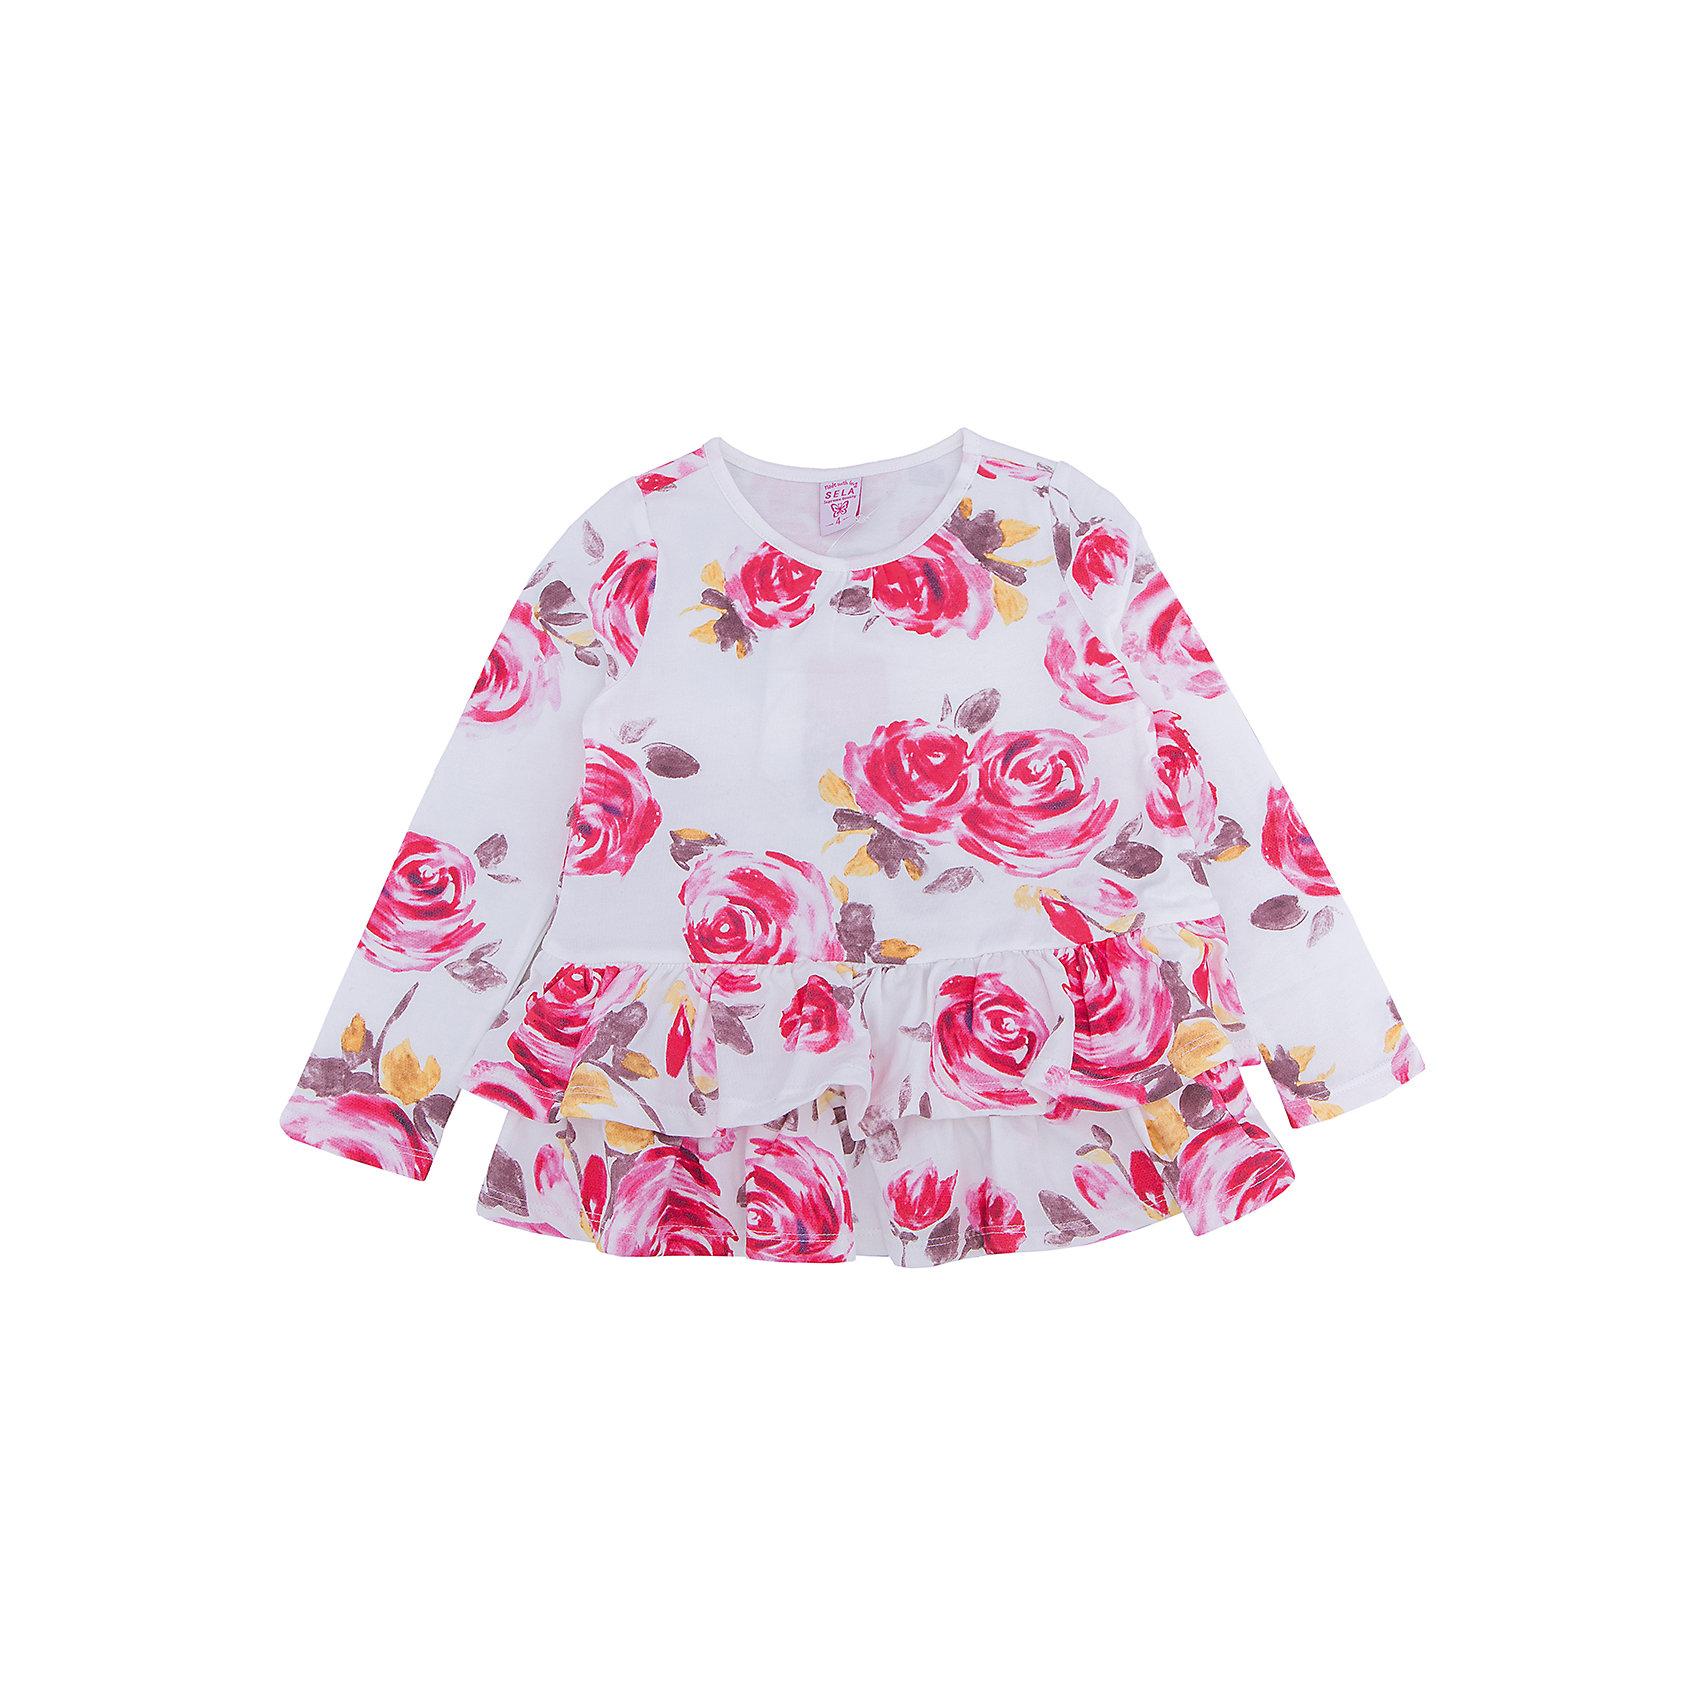 Платье для девочки SELAПлатья и сарафаны<br>Платье с принтом - удобная и модная вещь. Эта модель отлично сидит на ребенке, она смотрится стильно и нарядно. Приятная на ощупь ткань и качественная фурнитура обеспечивает ребенку комфорт. Модель станет отличной базовой вещью, которая будет уместна в различных сочетаниях.<br>Одежда от бренда Sela (Села) - это качество по приемлемым ценам. Многие российские родители уже оценили преимущества продукции этой компании и всё чаще приобретают одежду и аксессуары Sela.<br><br>Дополнительная информация:<br><br>материал: 95% хлопок, 5% эластан;<br>с принтом;<br>длинный рукав.<br><br>Платье для девочки от бренда Sela можно купить в нашем интернет-магазине.<br><br>Ширина мм: 236<br>Глубина мм: 16<br>Высота мм: 184<br>Вес г: 177<br>Цвет: белый<br>Возраст от месяцев: 24<br>Возраст до месяцев: 36<br>Пол: Женский<br>Возраст: Детский<br>Размер: 98,116,92,104,110<br>SKU: 5008227